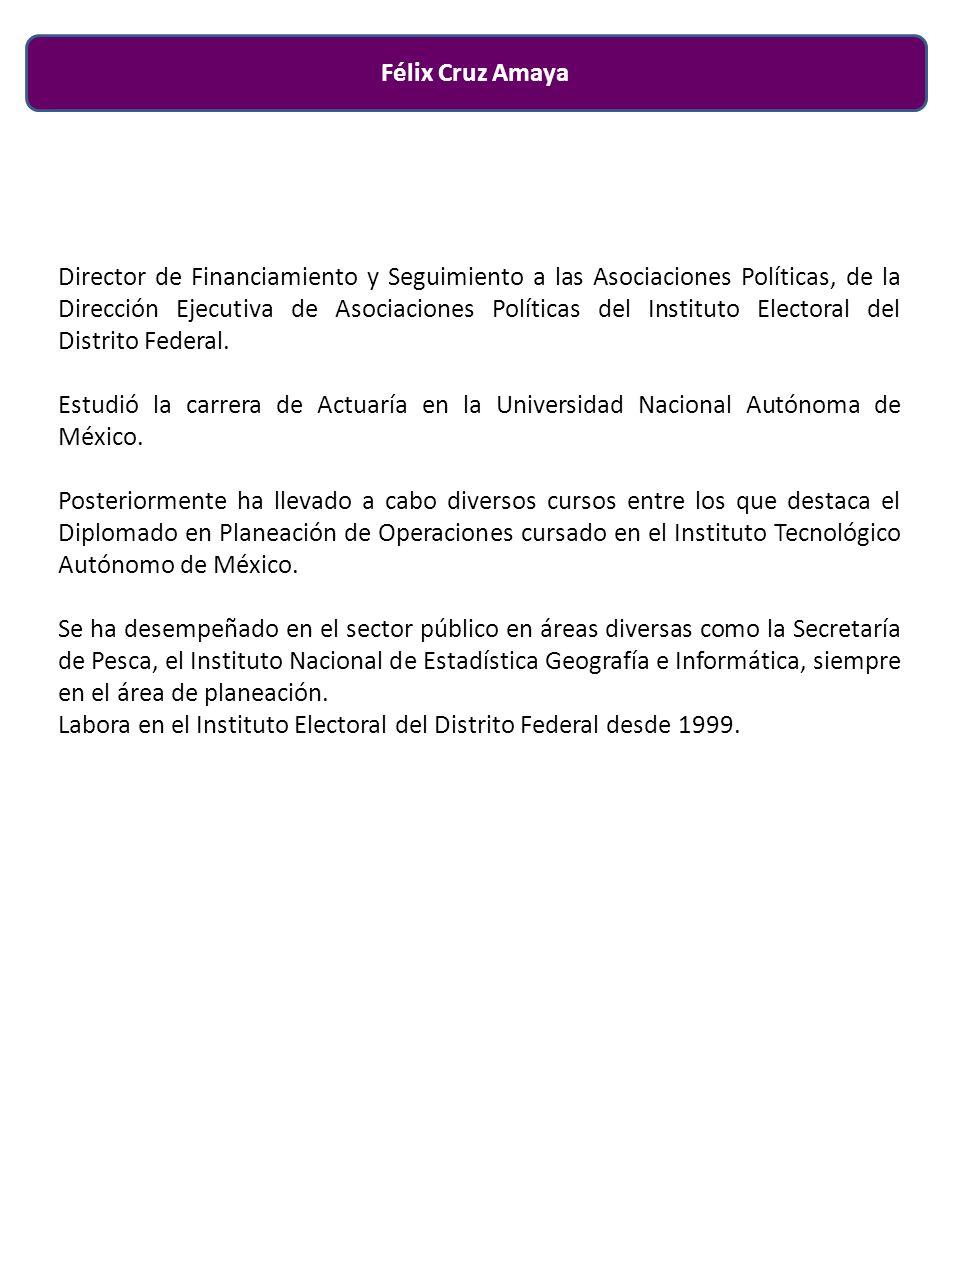 Félix Cruz Amaya Director de Financiamiento y Seguimiento a las Asociaciones Políticas, de la Dirección Ejecutiva de Asociaciones Políticas del Instit